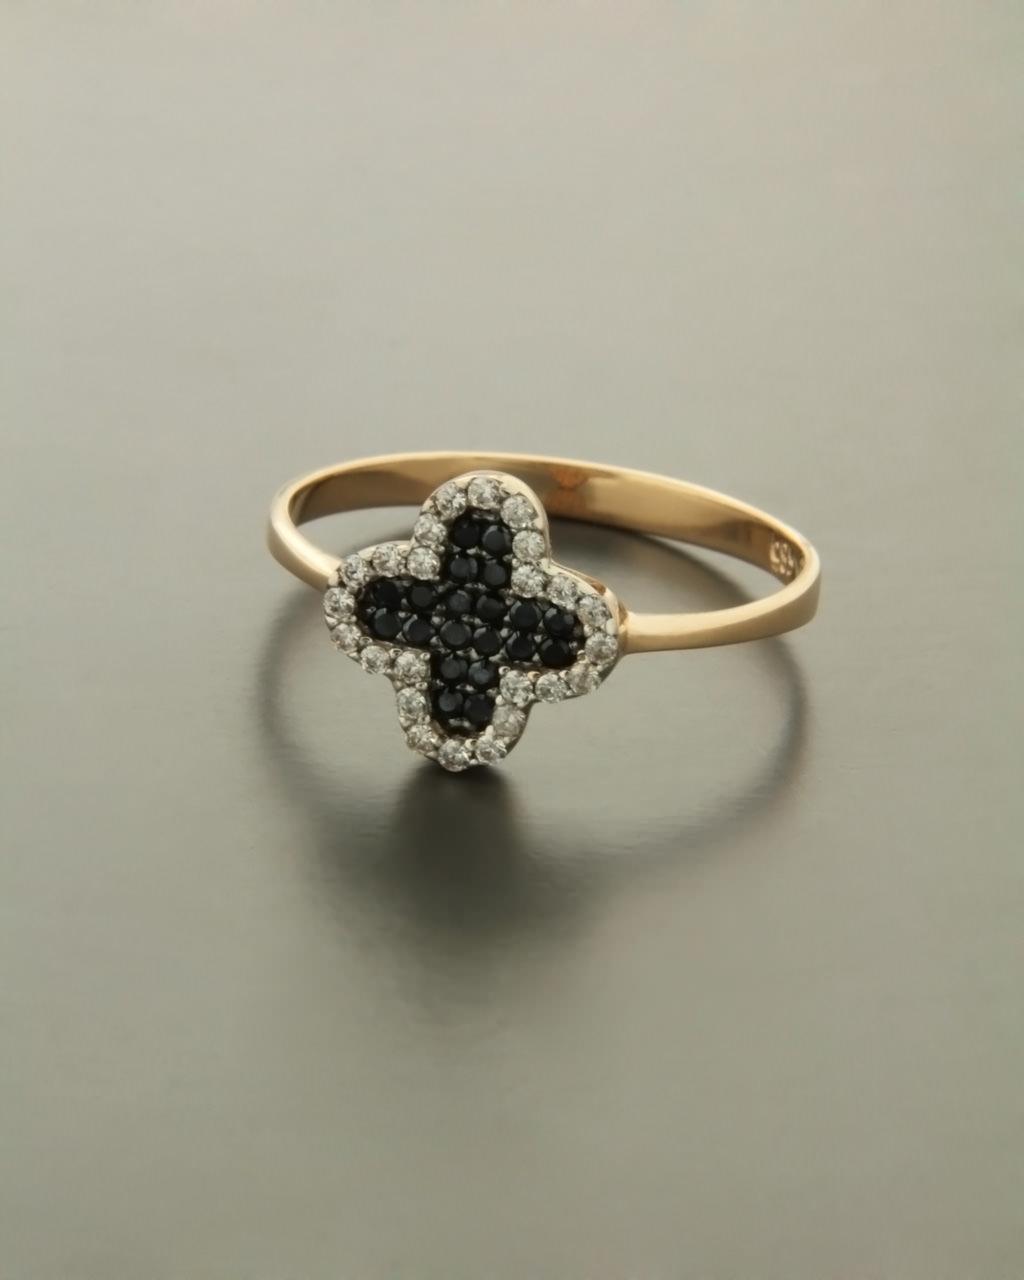 Δαχτυλίδι σταυρός ροζ χρυσό Κ14 με Ζιργκόν  42e52439dad